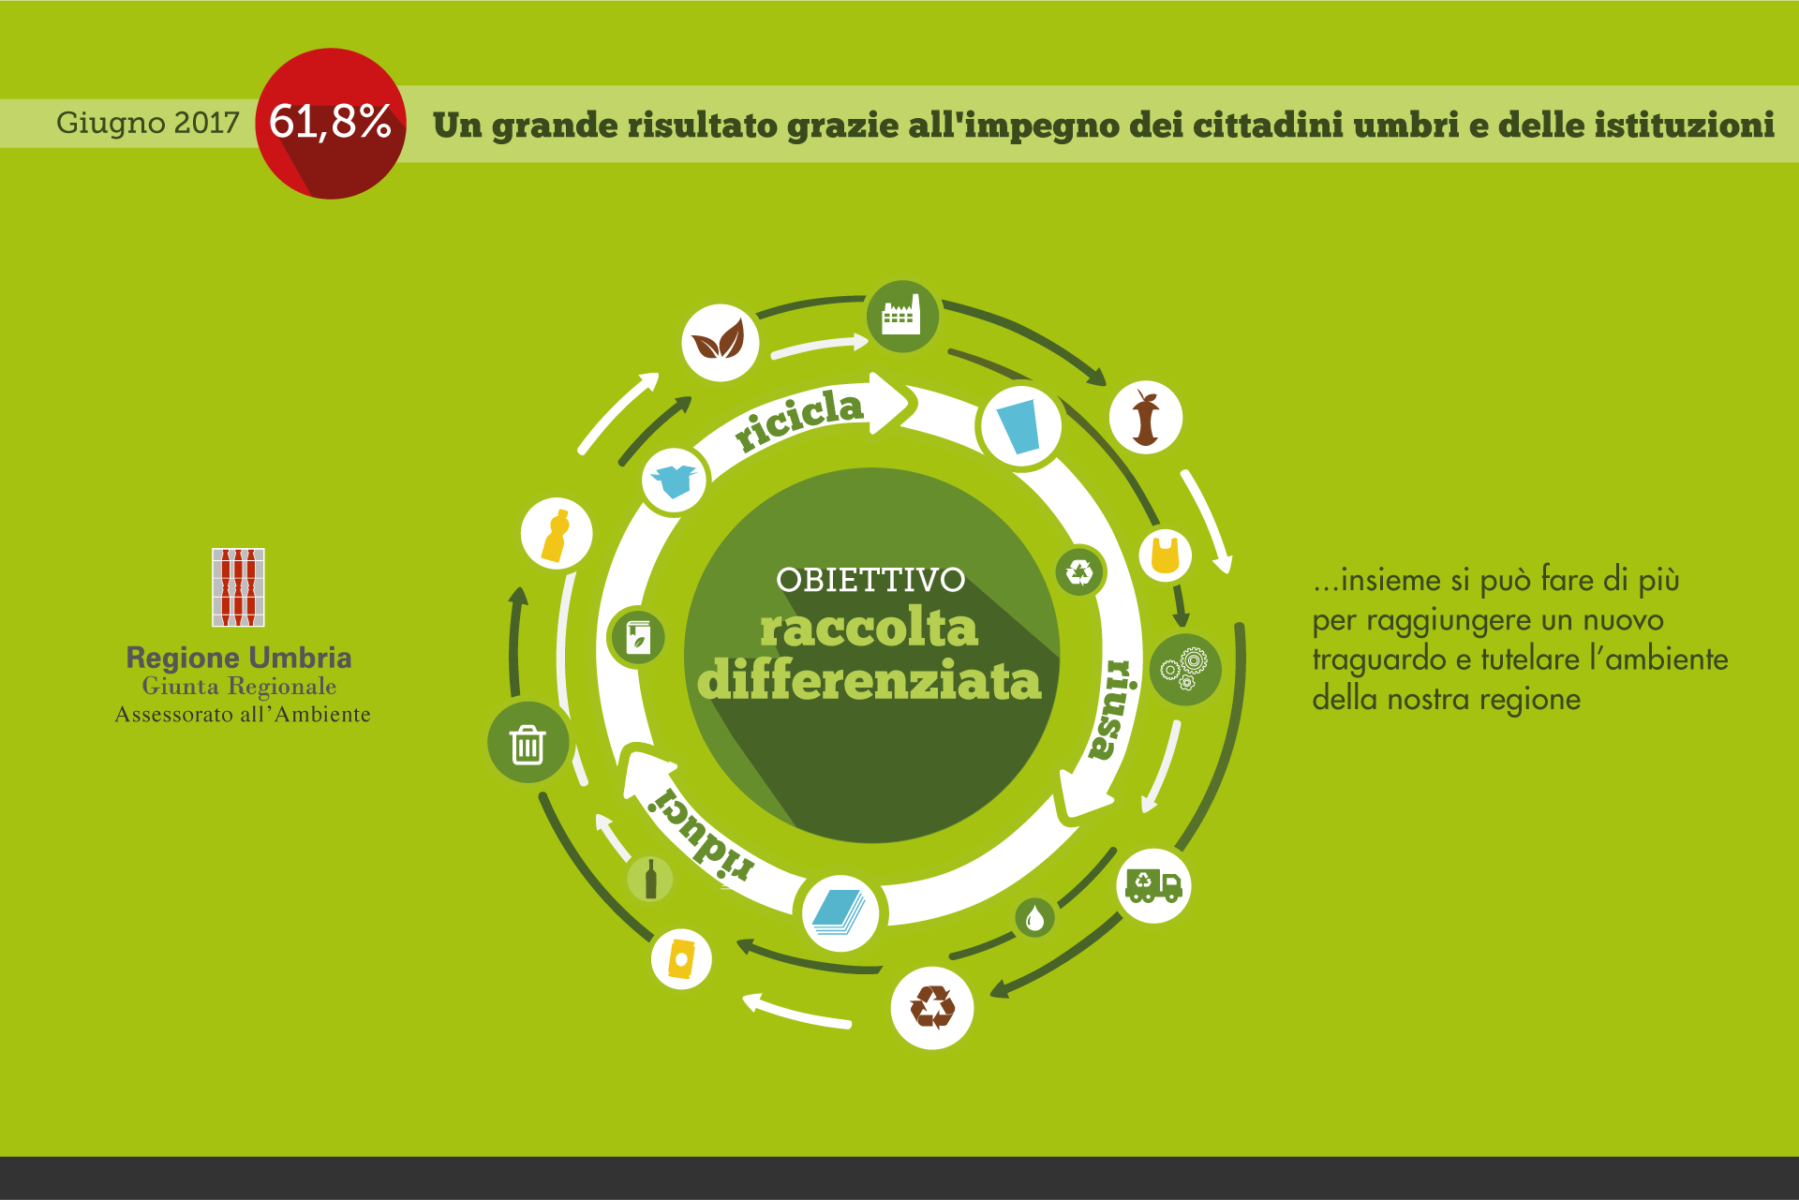 Campagna pubblicitaria per la raccolta differenziata in Umbria. Verso un'economi circolare